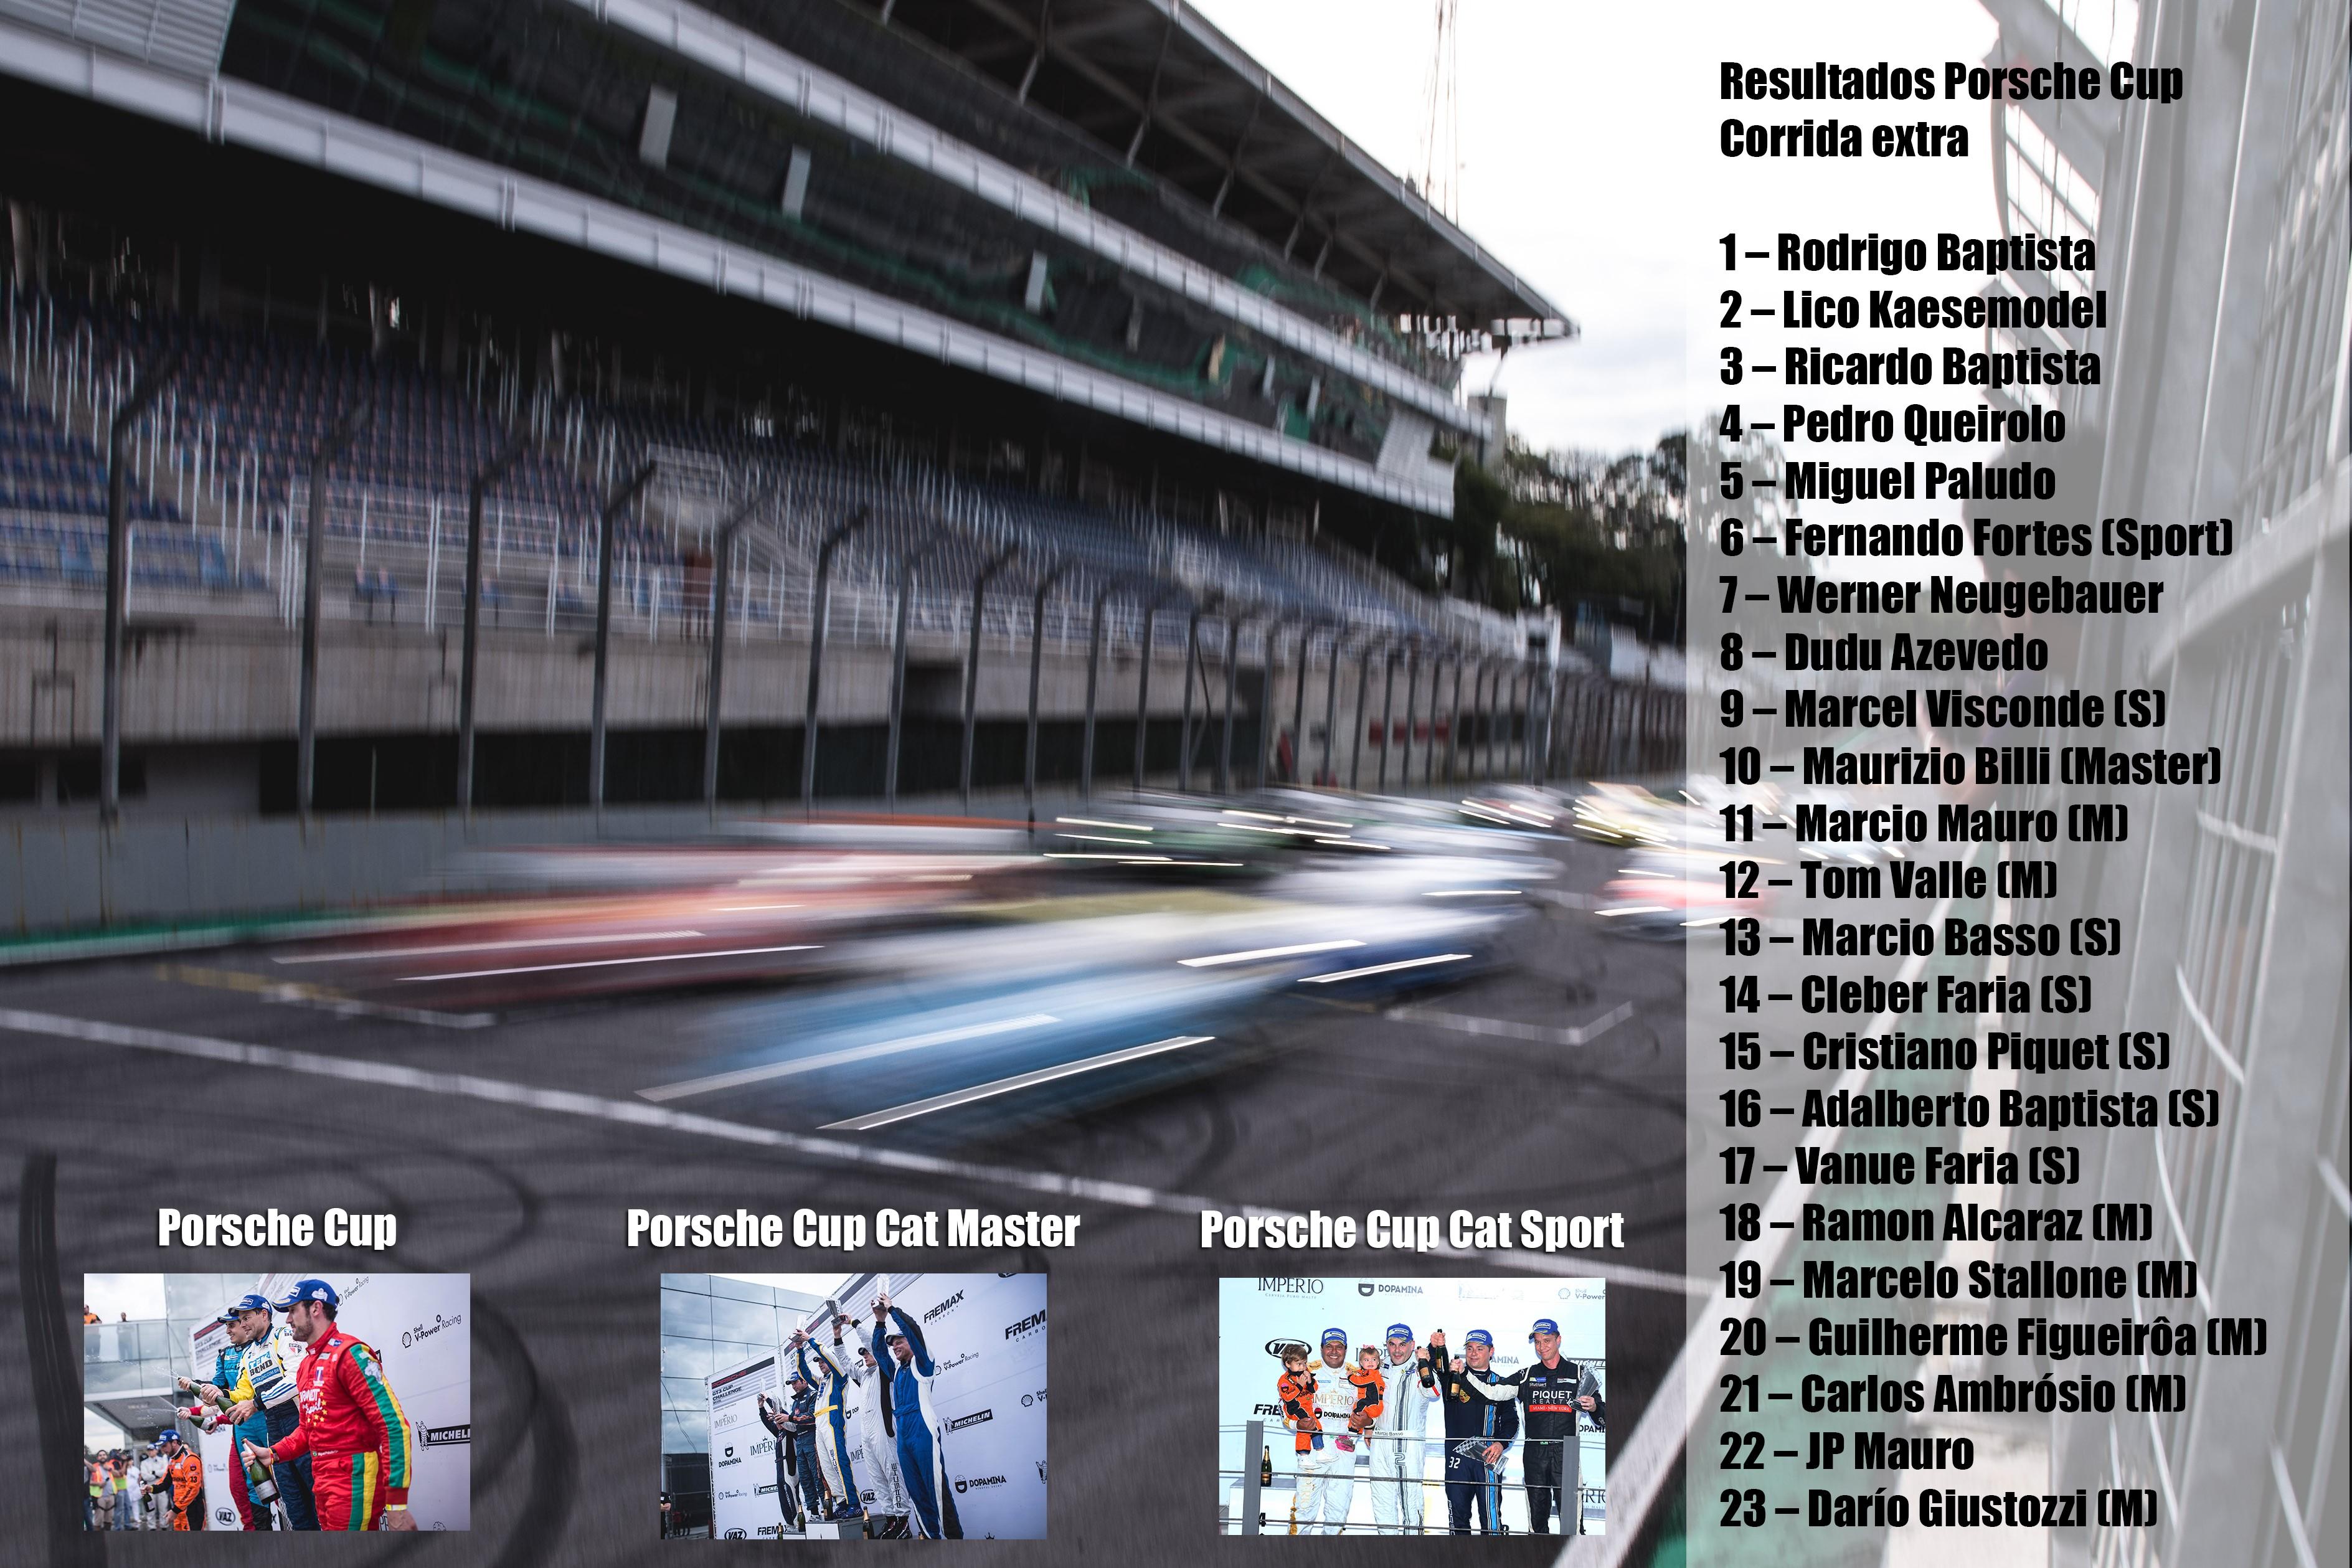 Resultado Porsche Cup Corrida Extra (Foto: Montagem sobre foto de Victor Eleuterio )